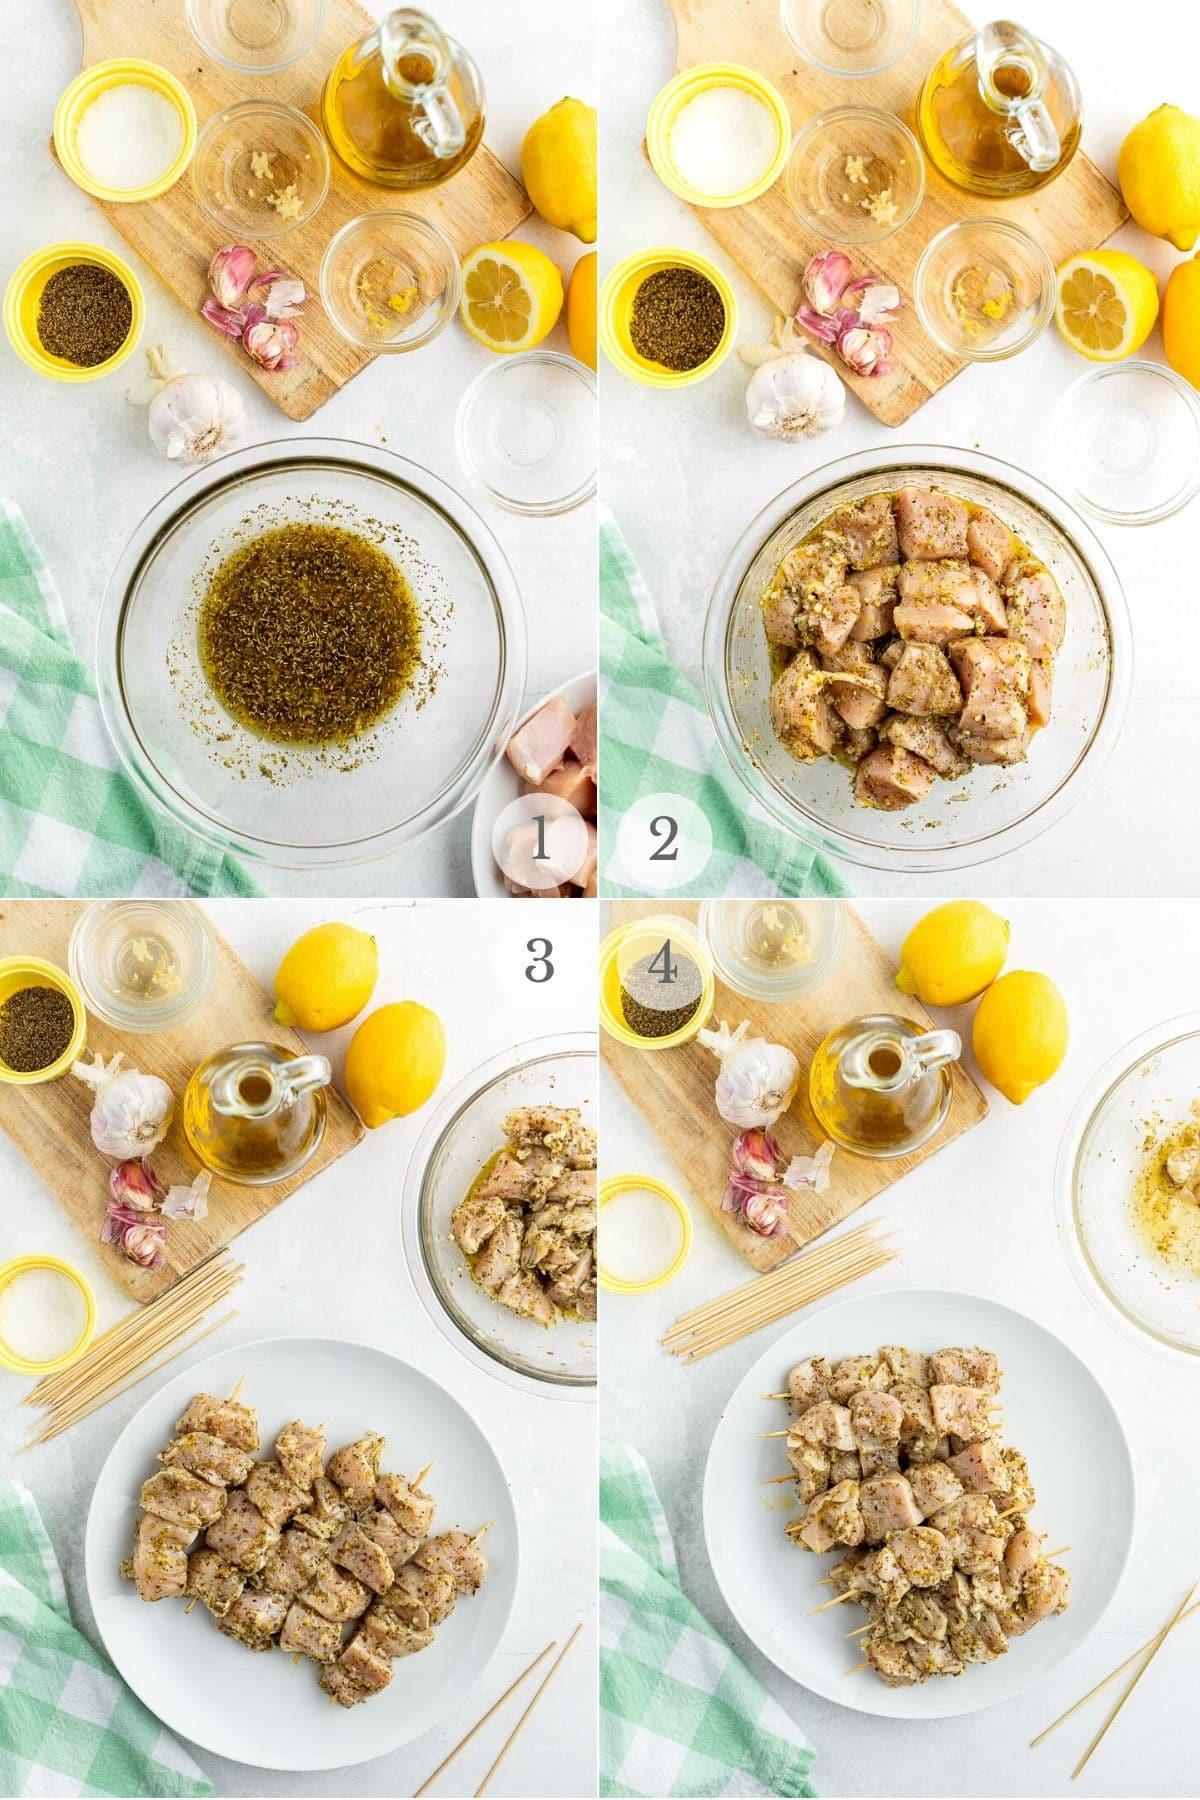 how to prepared chicken souvlaki recipe process photo collage